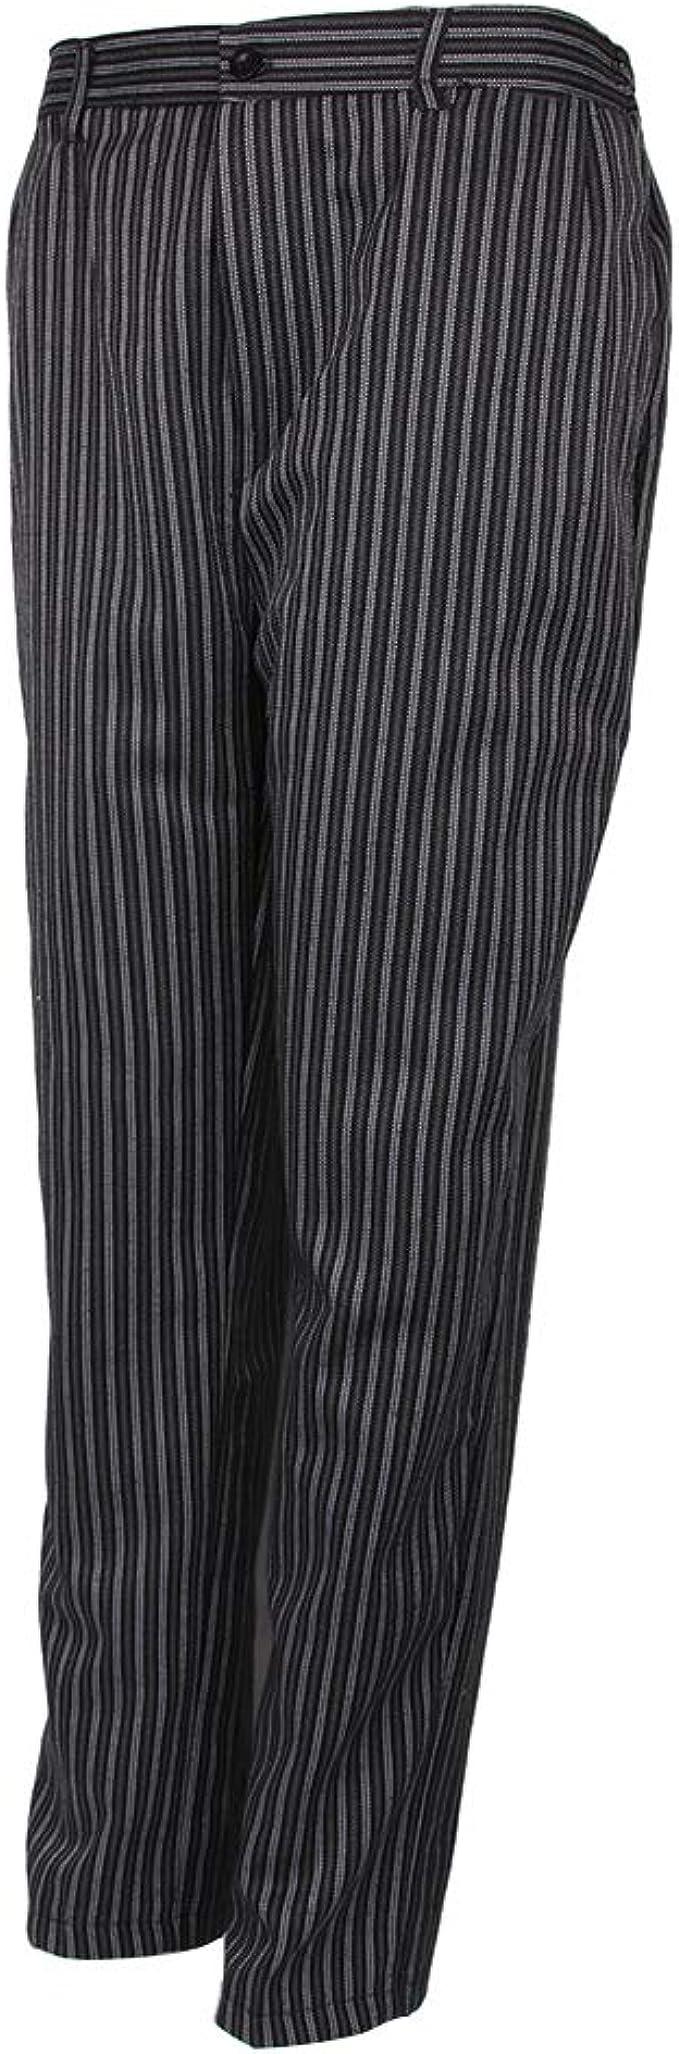 Shiwaki 1 Pcs Pantaloni Da Cuoco Uomo Lavoro In Pantaloni Pantaloni Cameriere Per Cucina Abiti Da Lavoro Abiti Da Lavoro Gastronomici Amazon It Abbigliamento